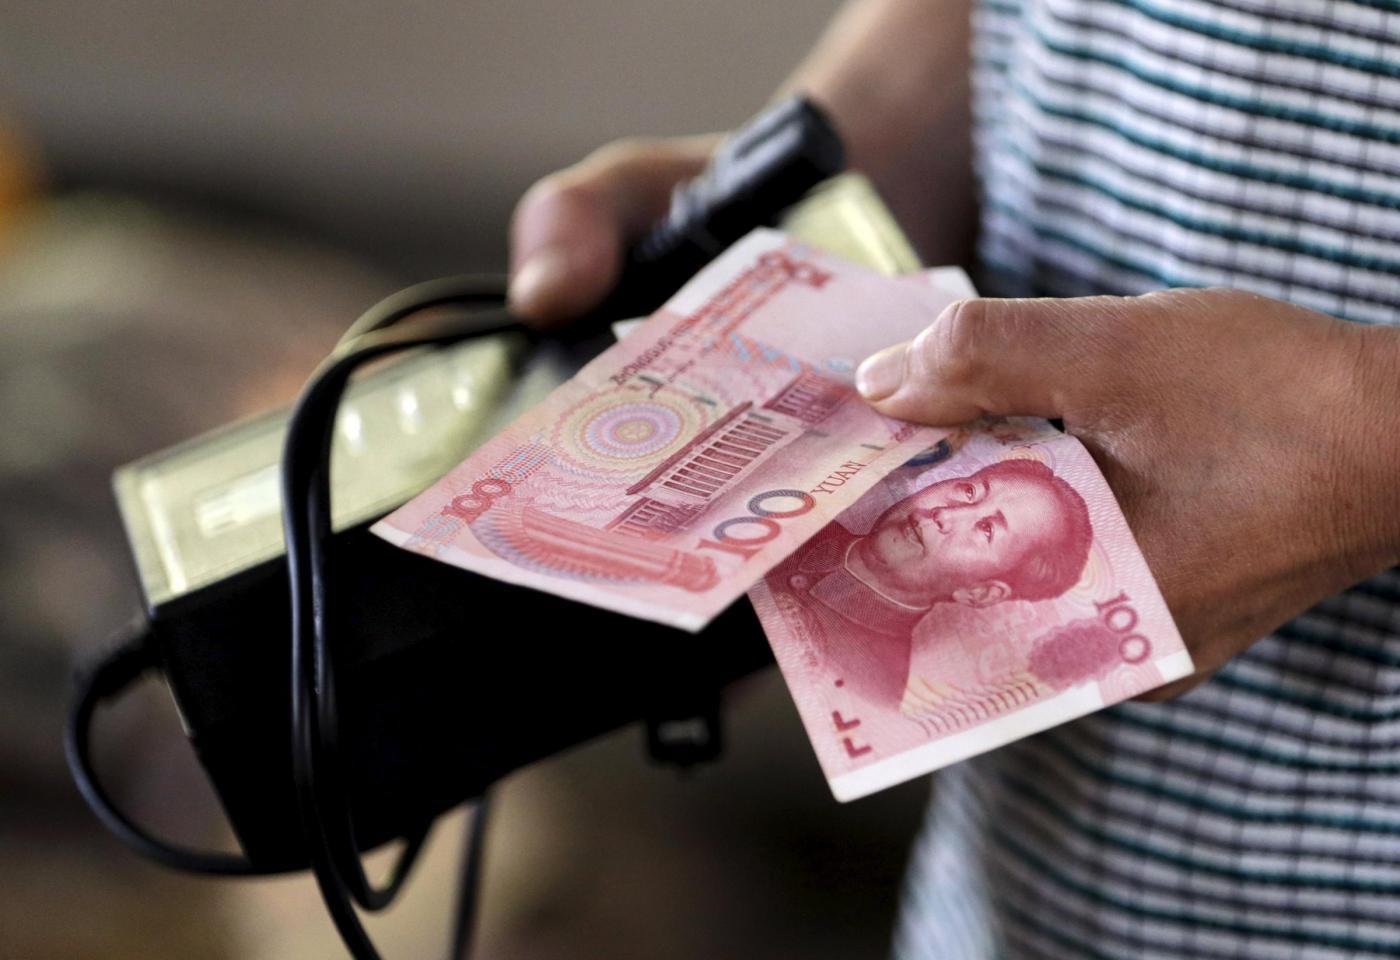 Cina, svalutazione dello yuan: i motivi e le conseguenze